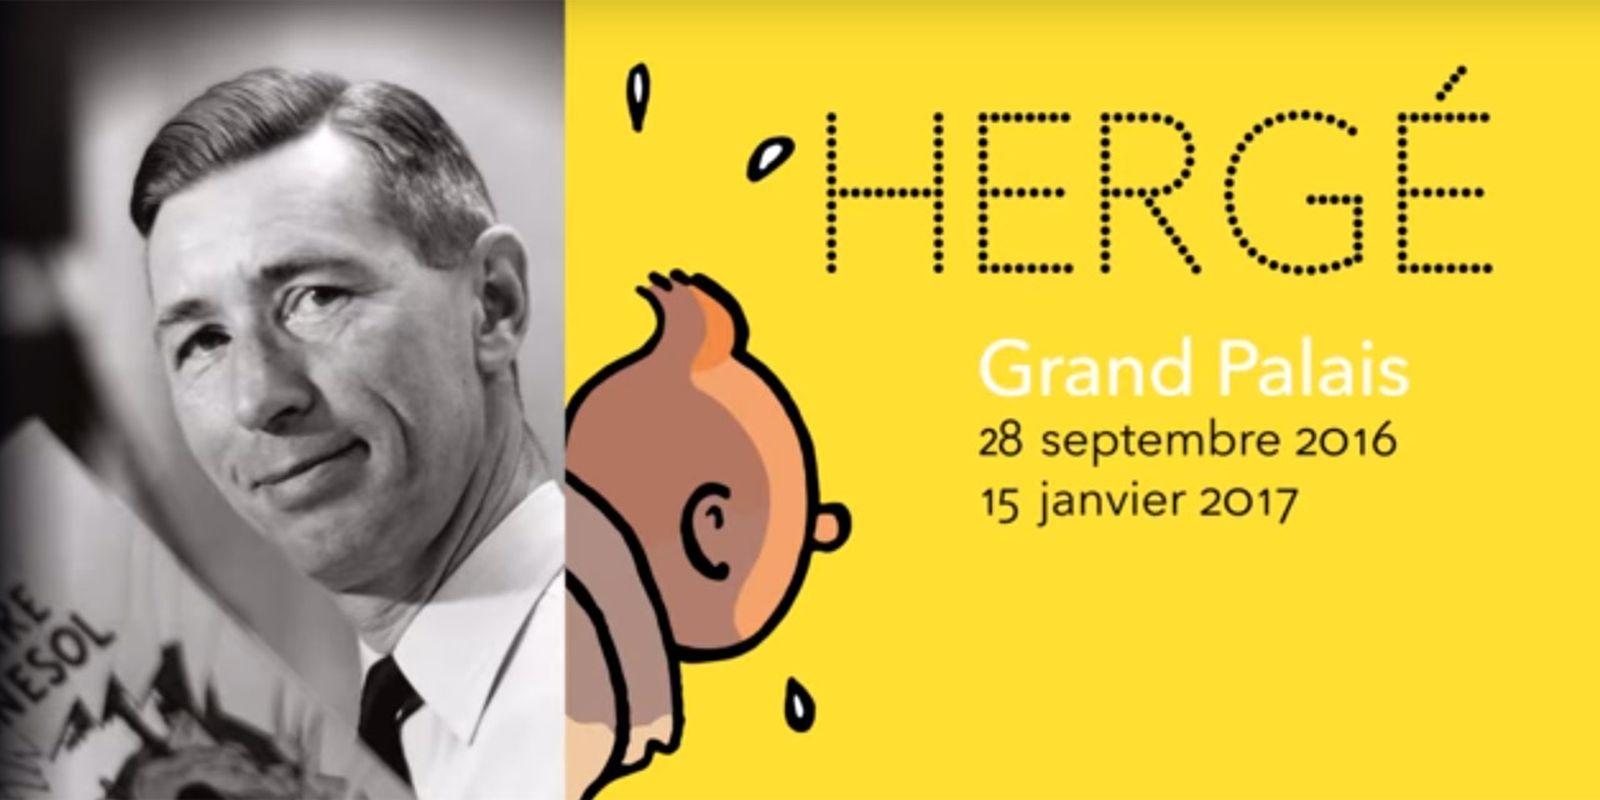 [Expo] Hergé, la BD à l'honneur au Grand Palais